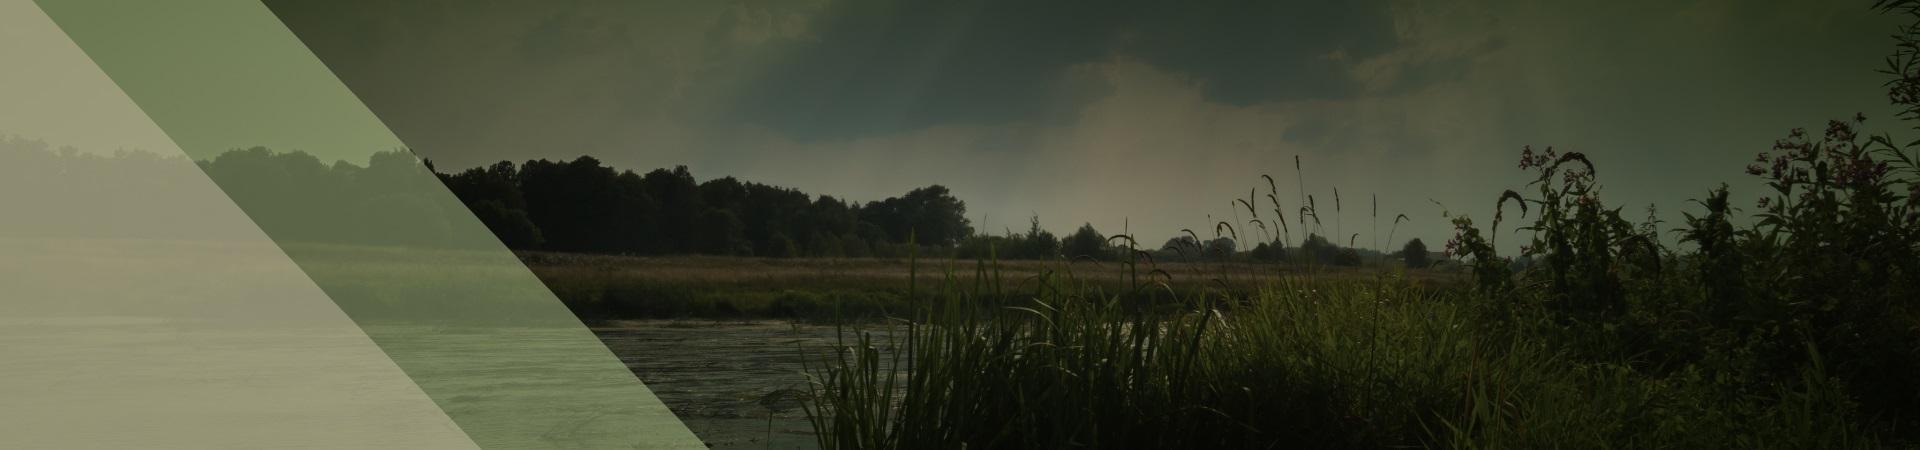 banner de topo - Seminário de meio ambiente